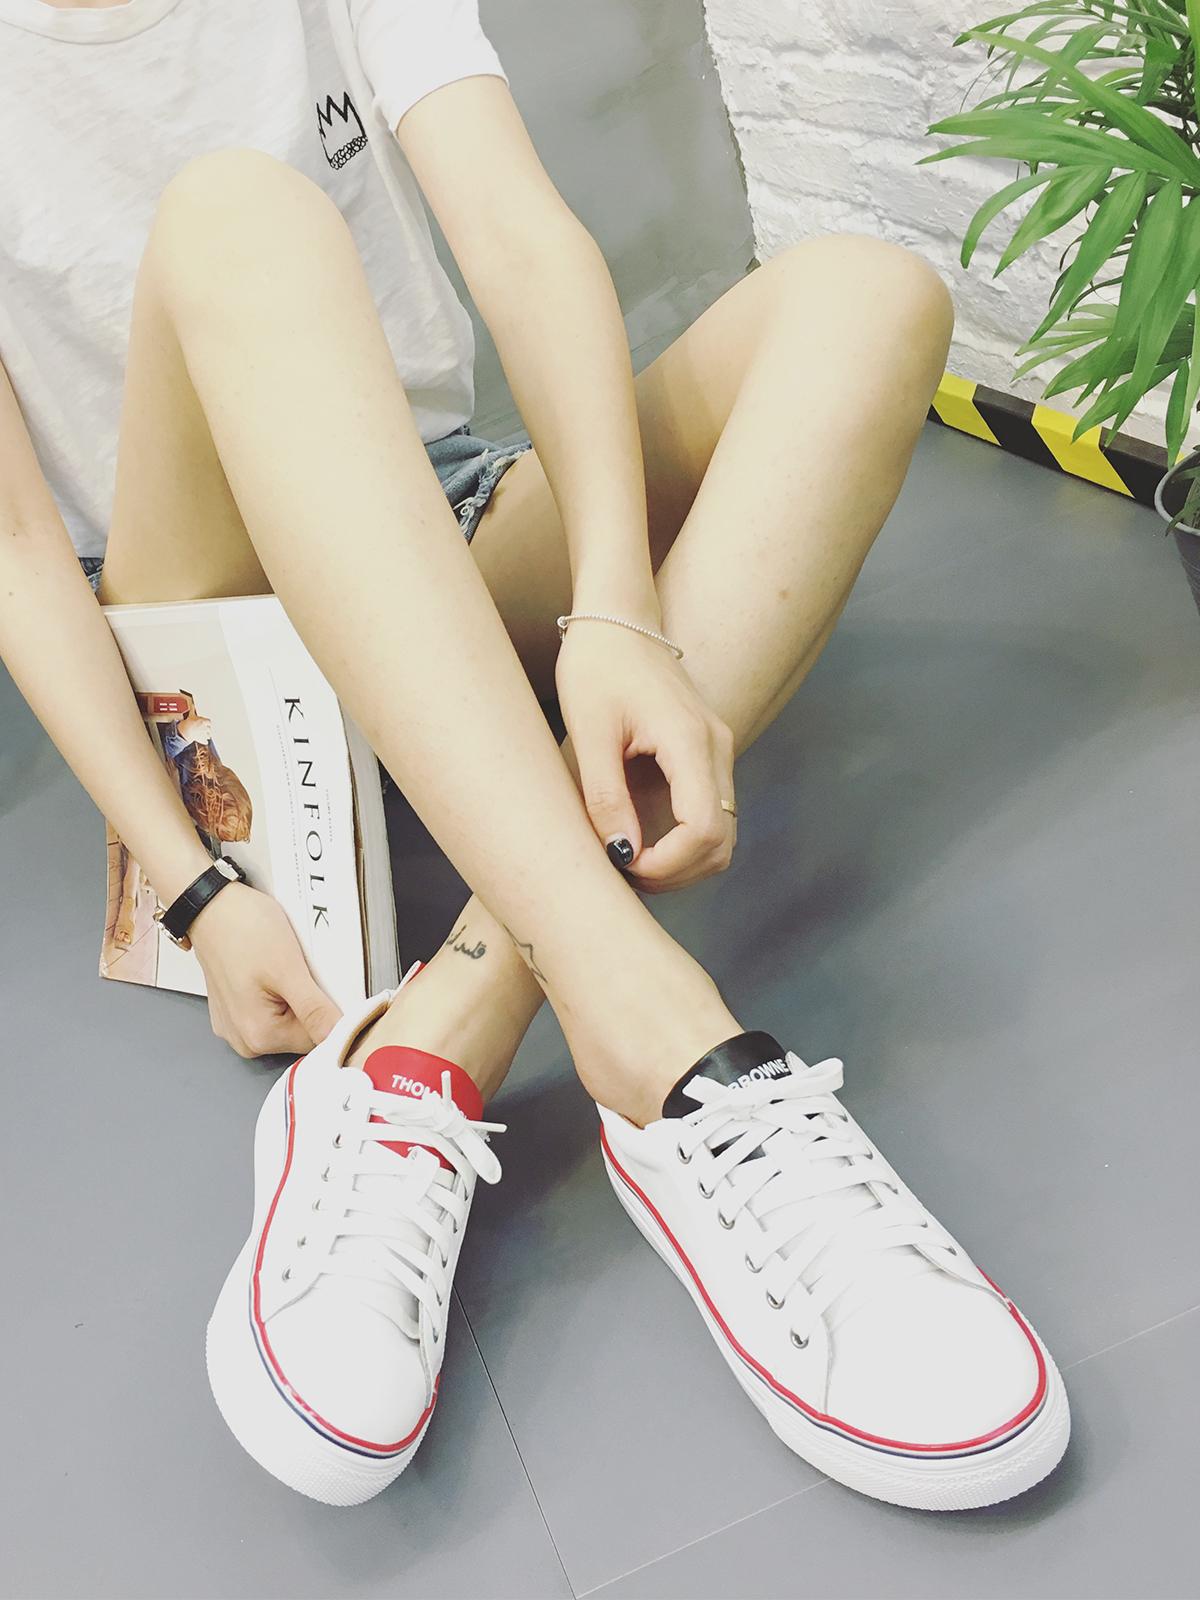 韩版2016夏季真皮女鞋鸳鸯小白鞋板鞋女休闲系带平底鞋时尚学